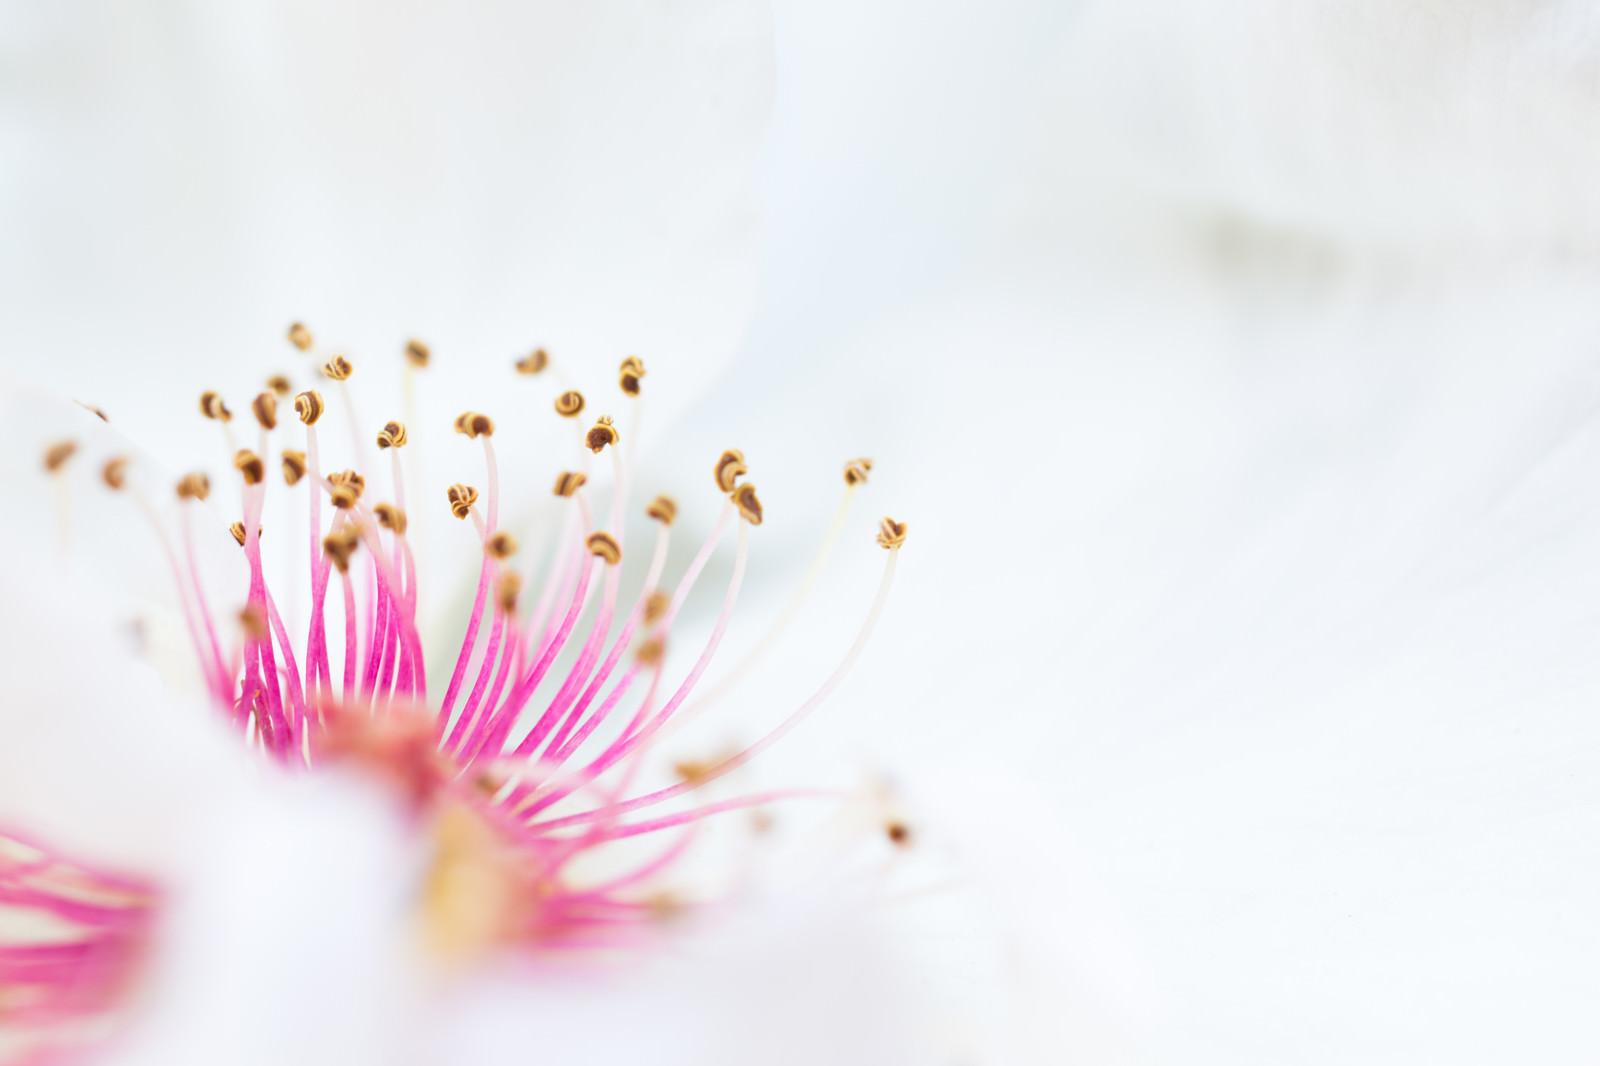 「ピンクの雄しべと白い花びら(マクロ)」の写真